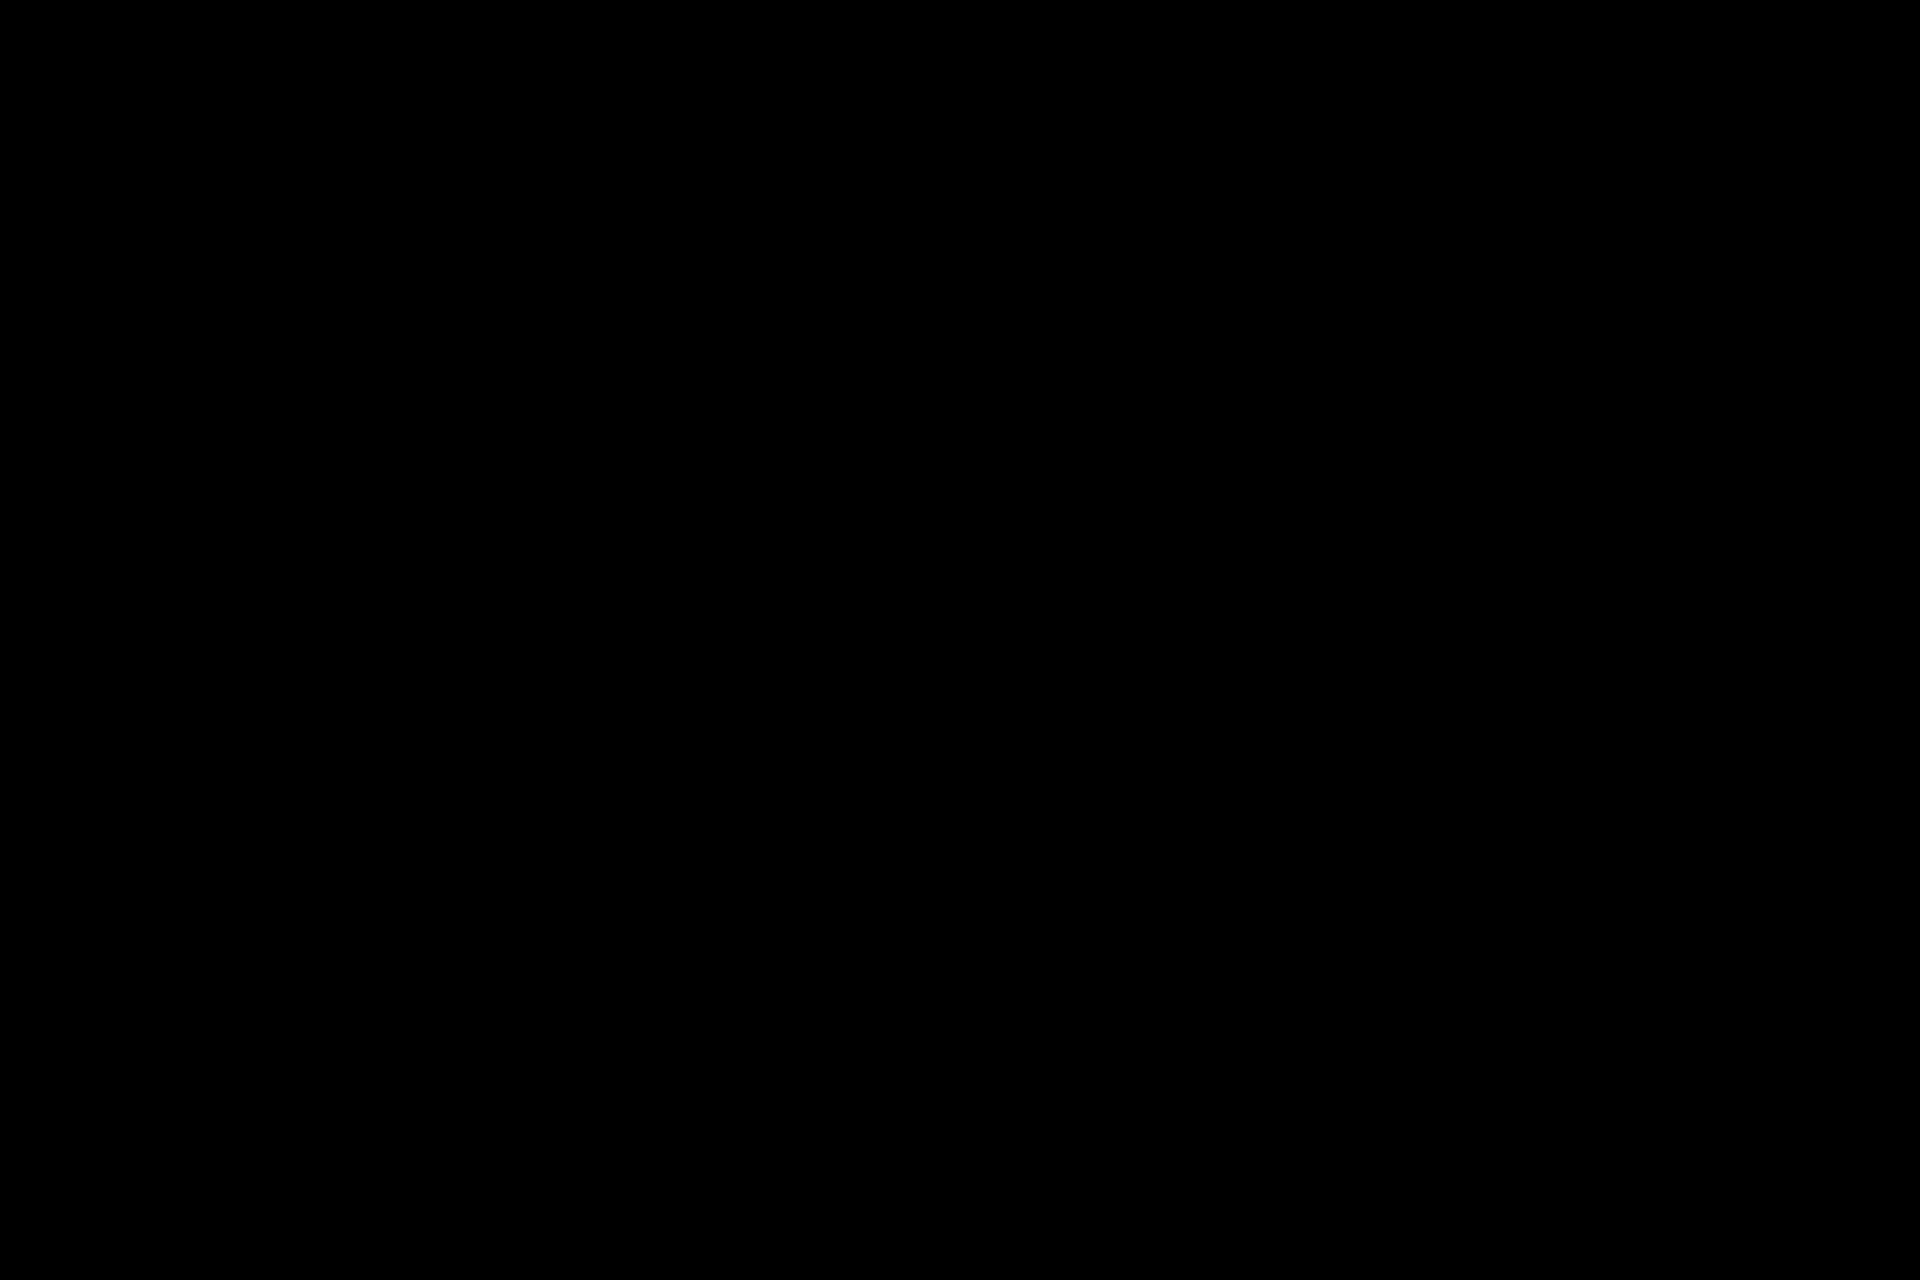 A4-4b